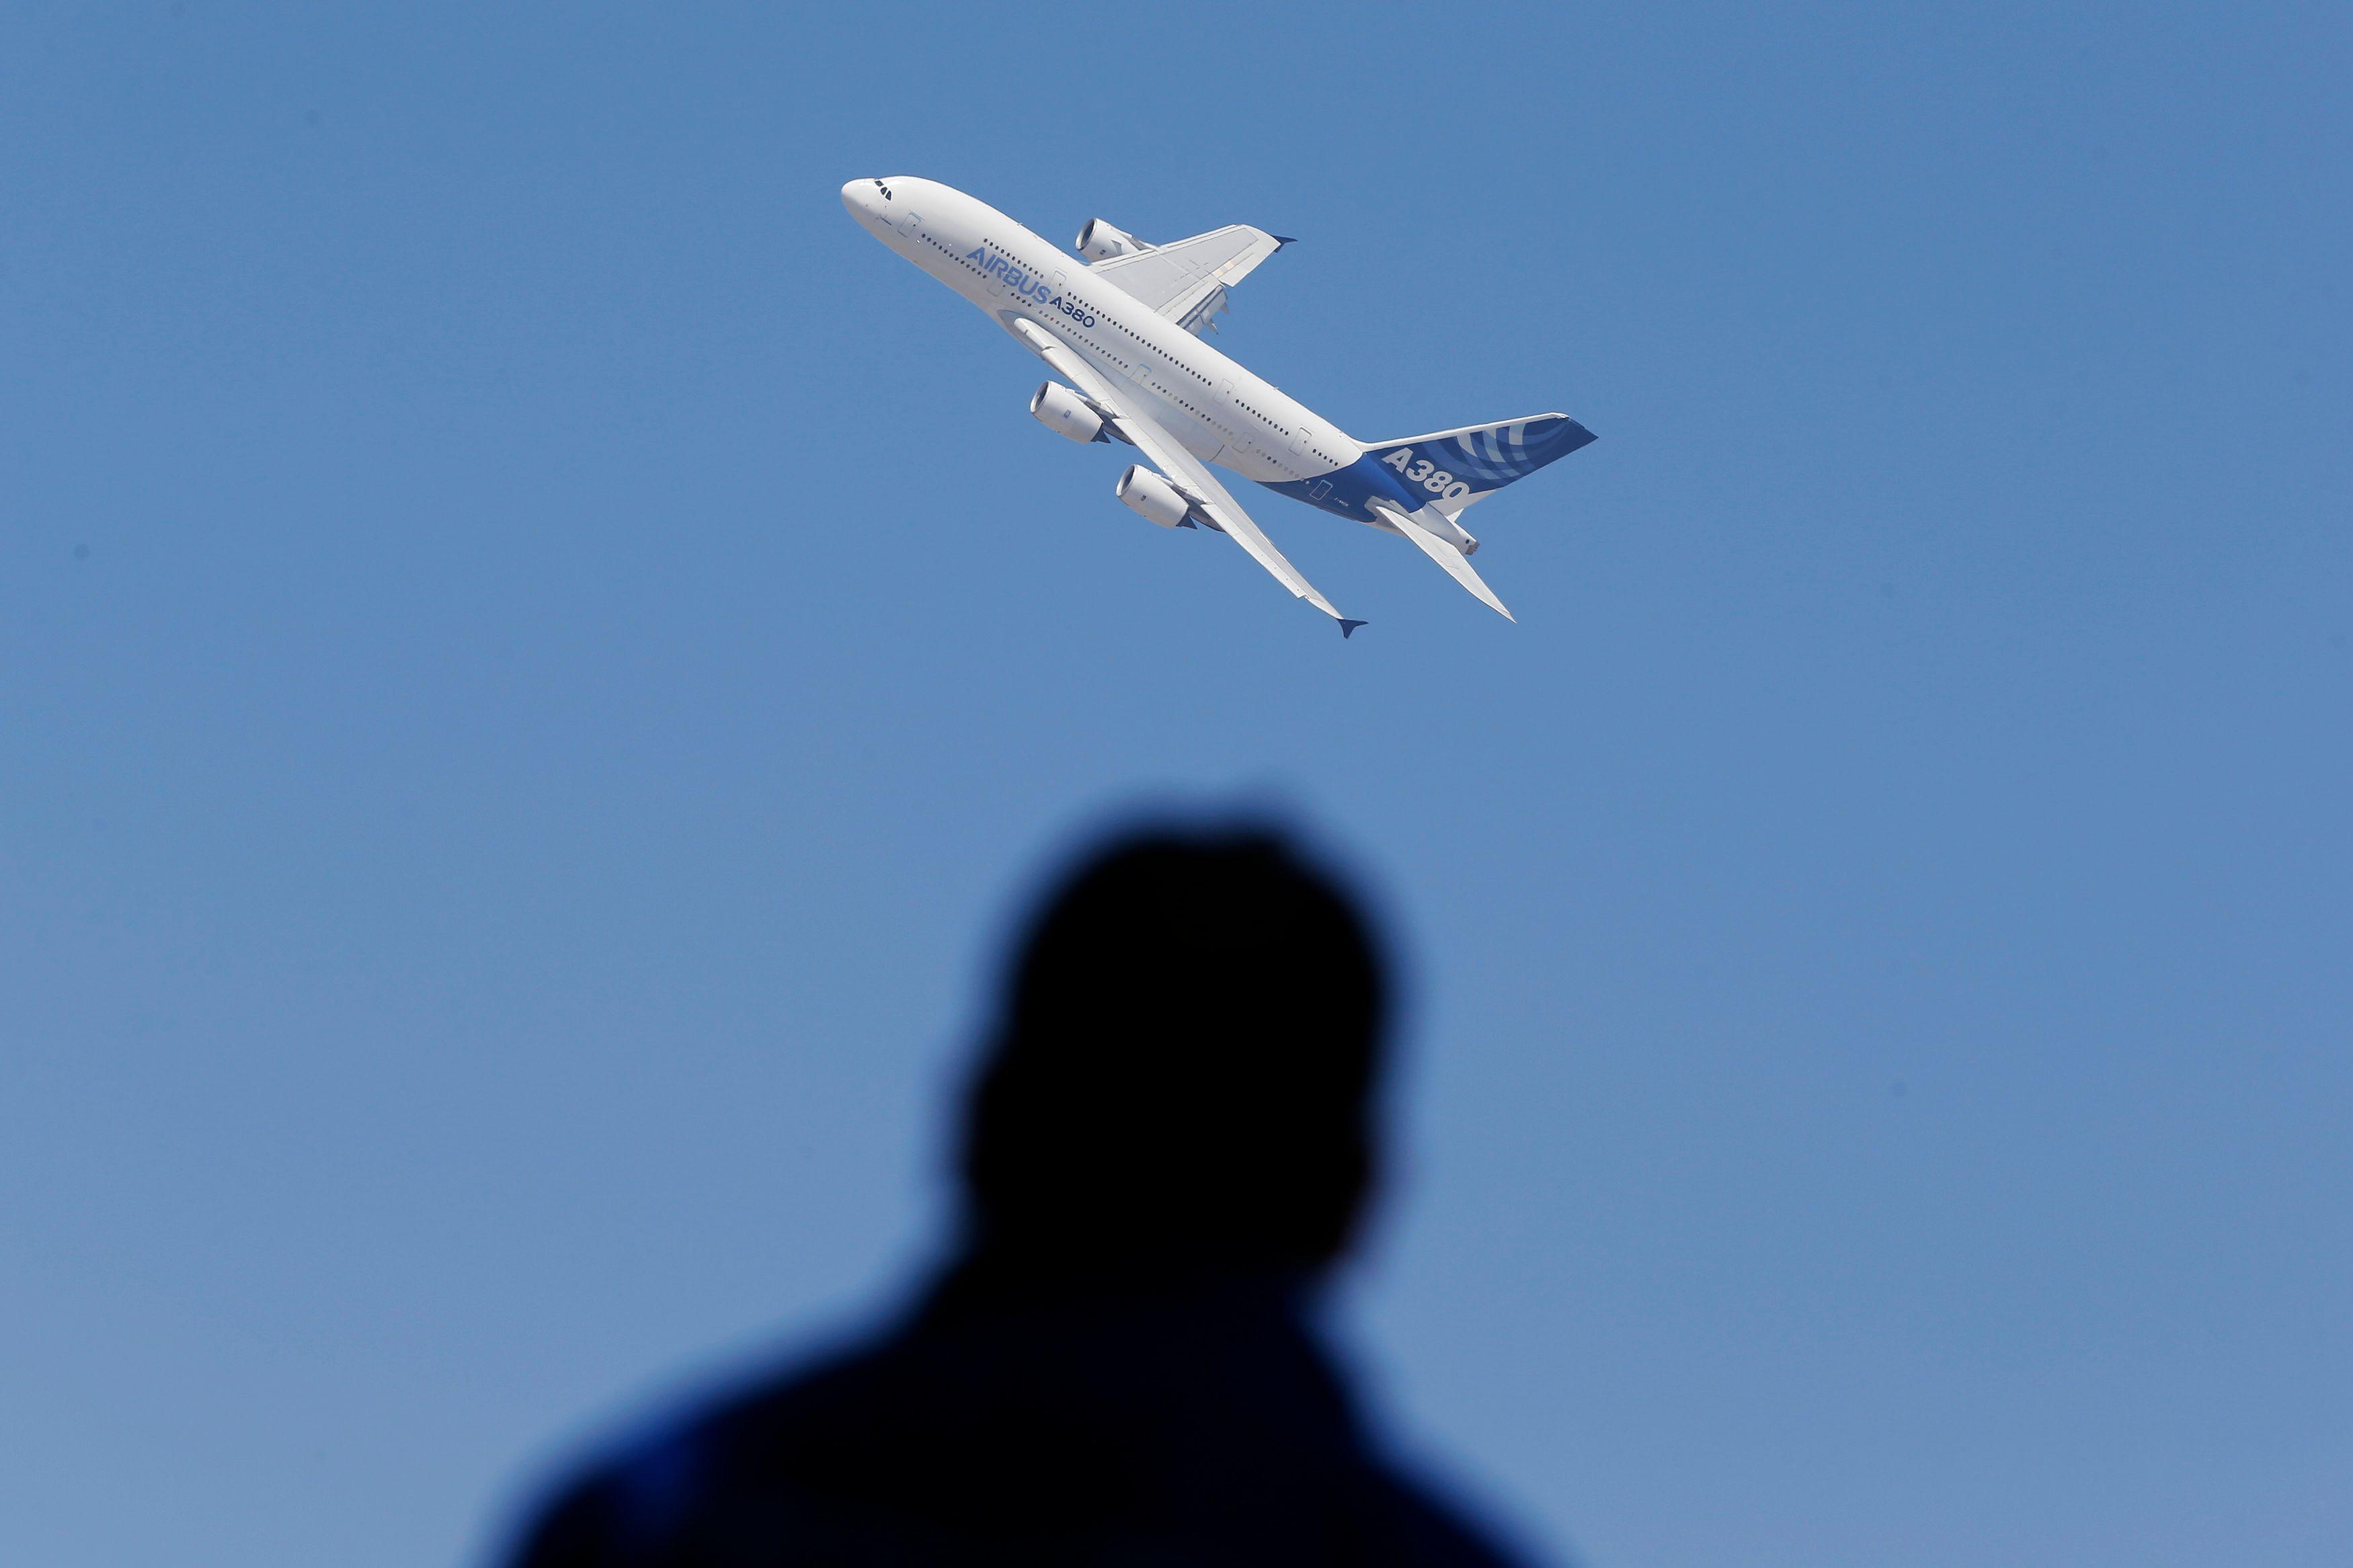 Peur de l'avion ? Accrochez-vous les turbulences atmosphériques risquent de se multiplier